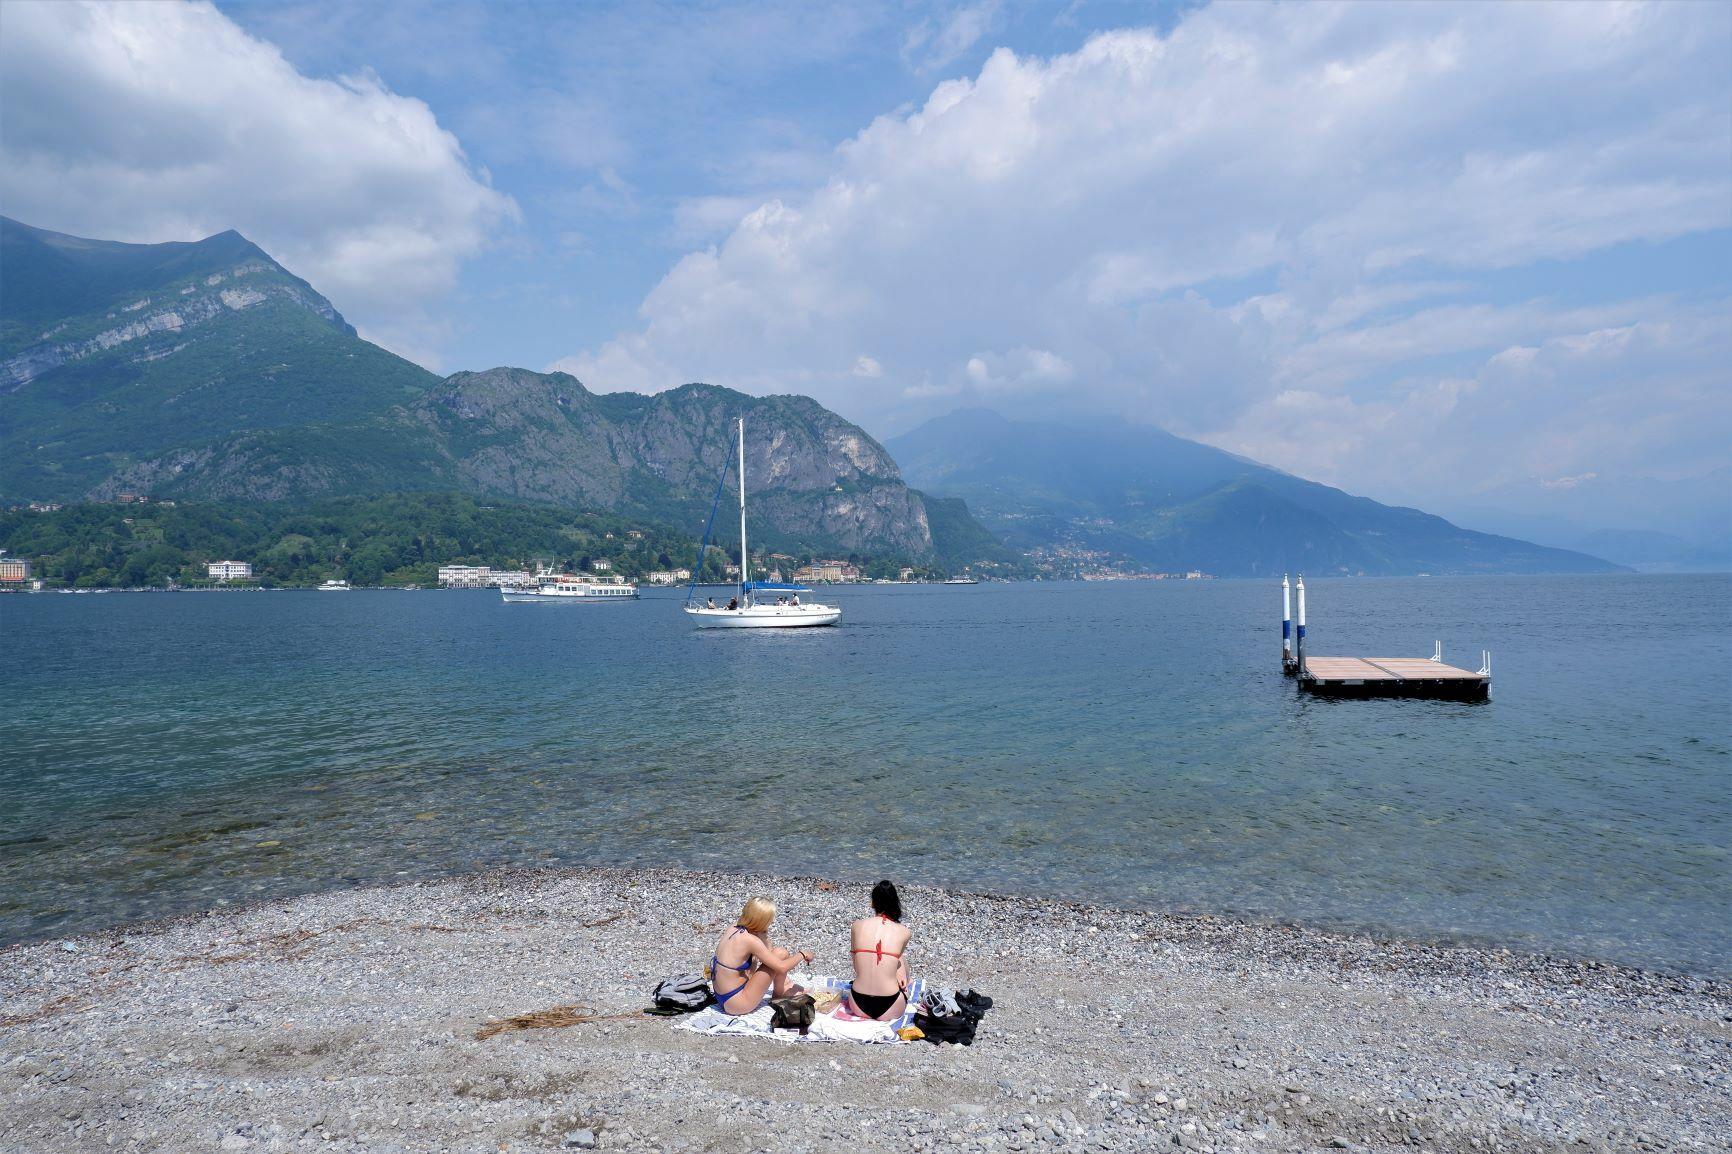 spiaggia san giovanni lago como mp-2